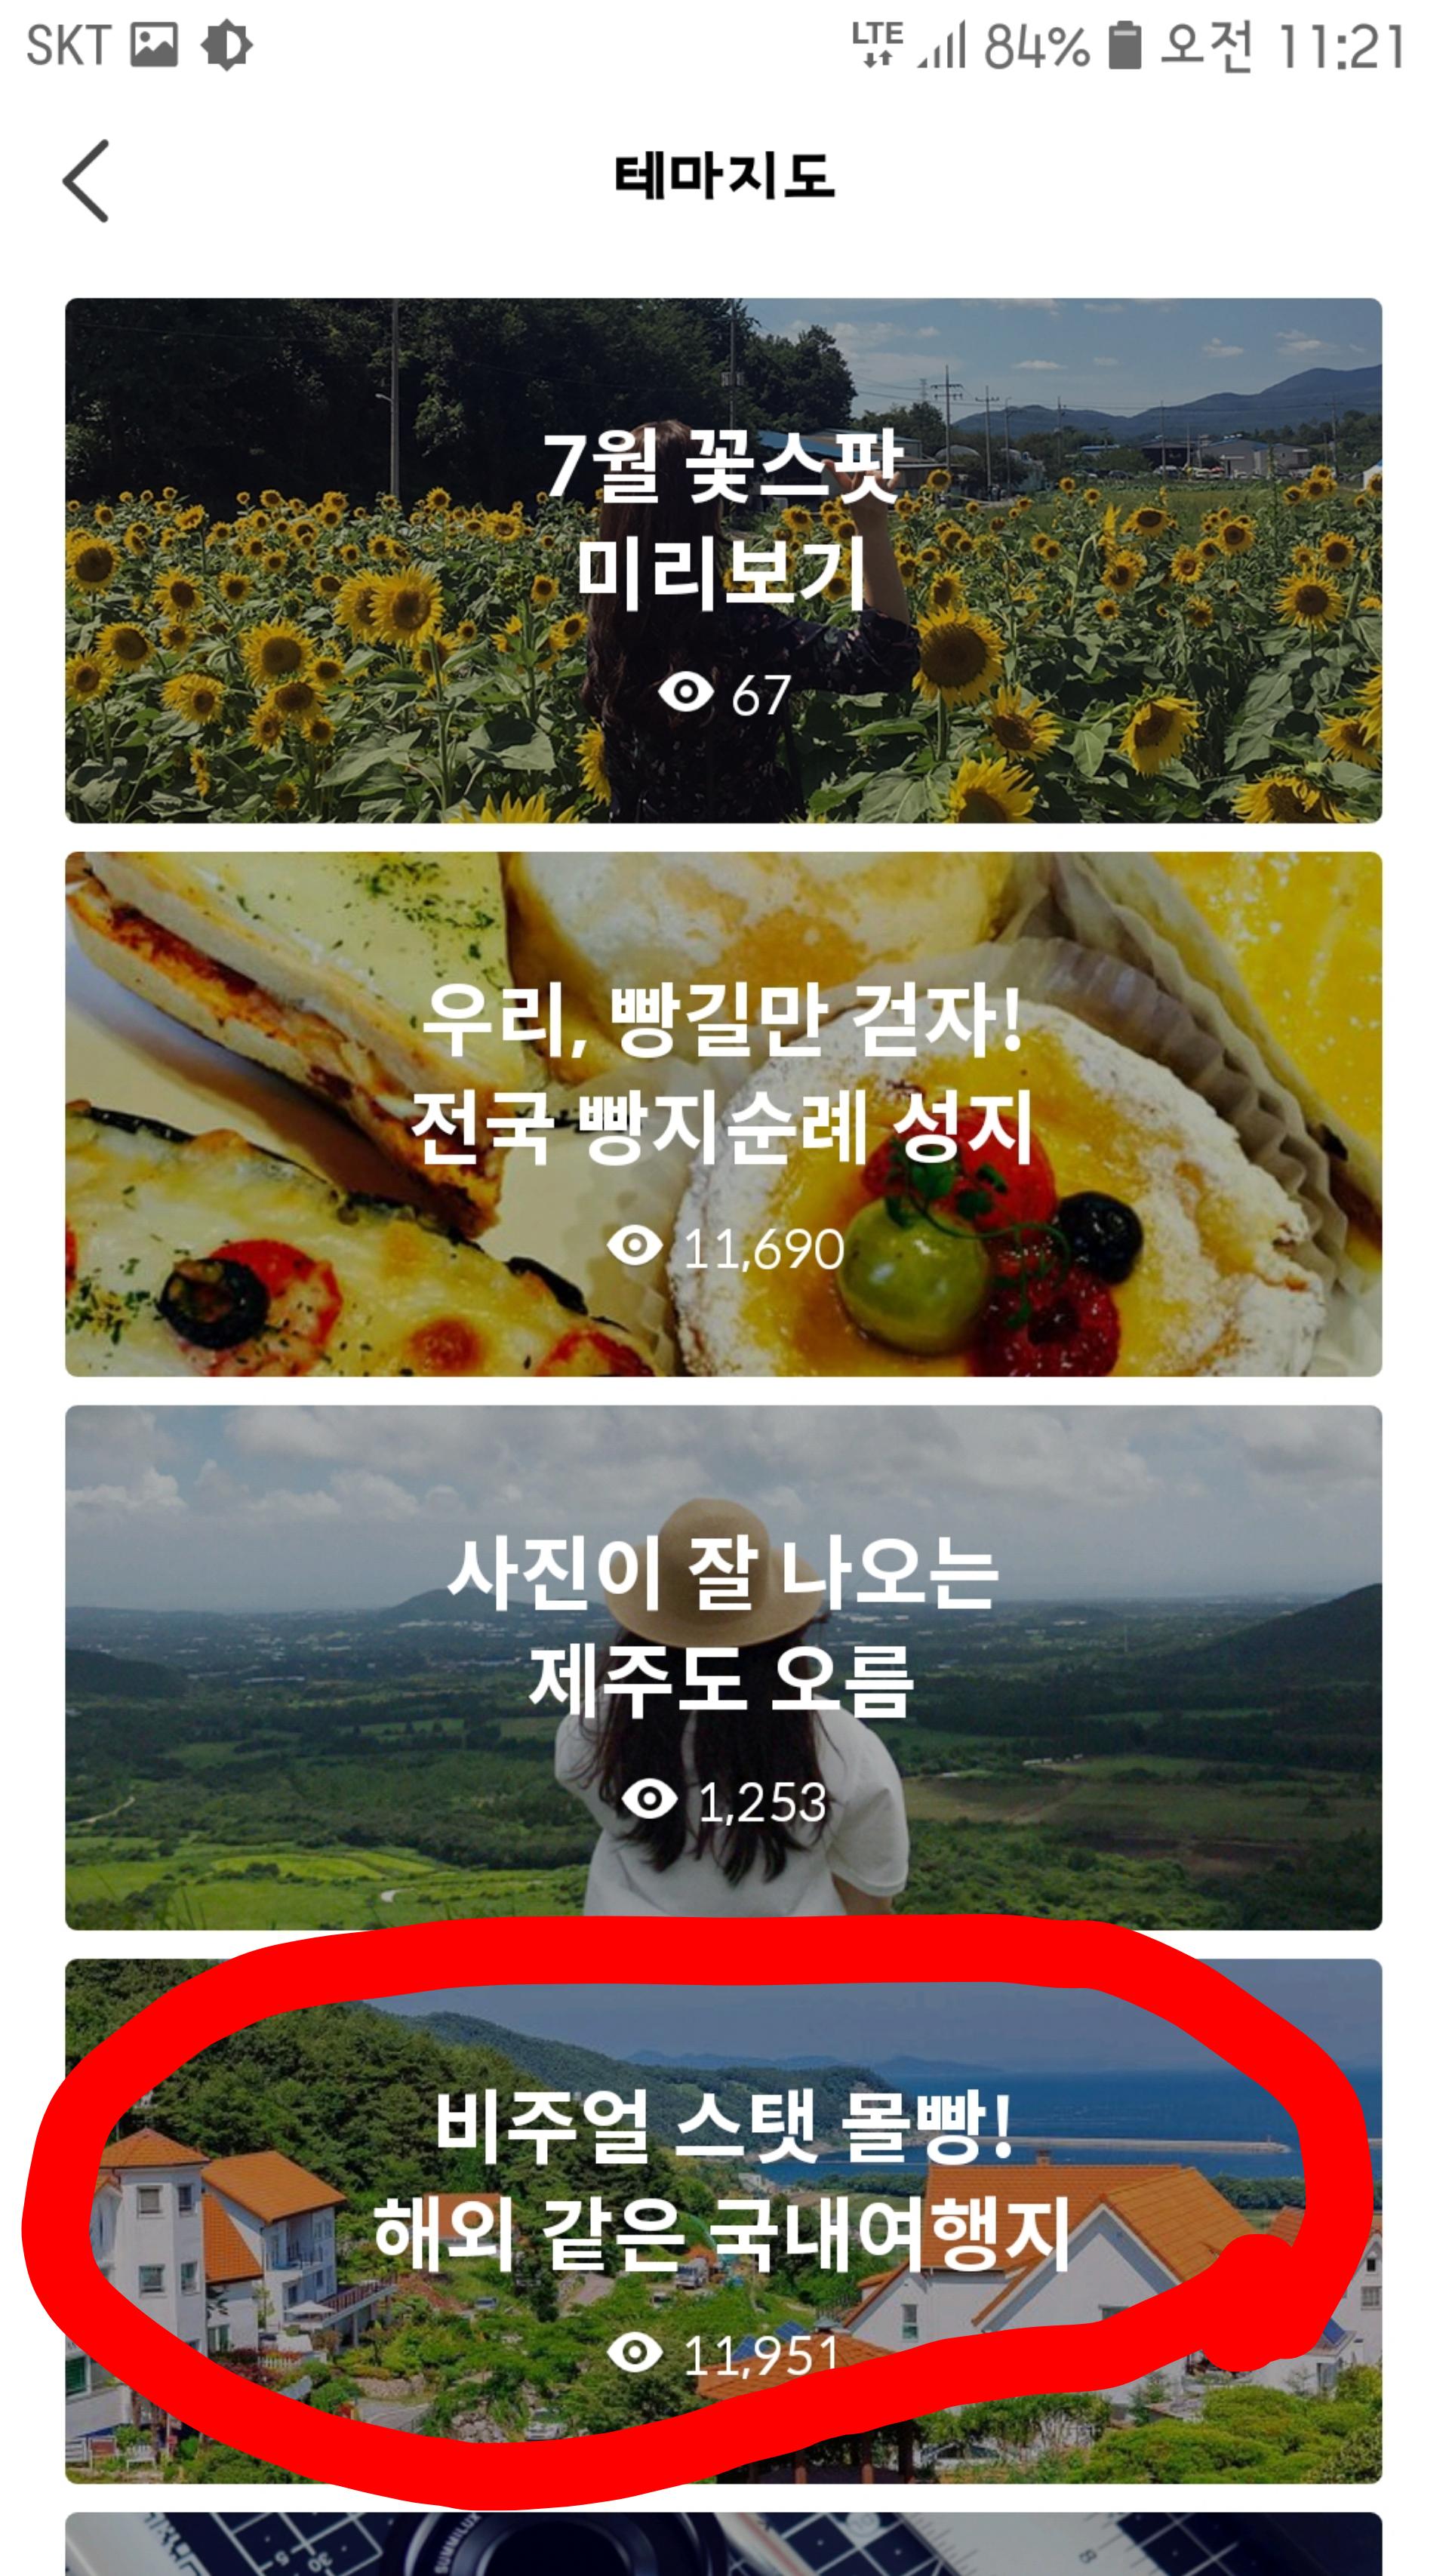 해외 같은 국내여행지-산토리니 까페-, 카카오맵에 사진이 인용되다